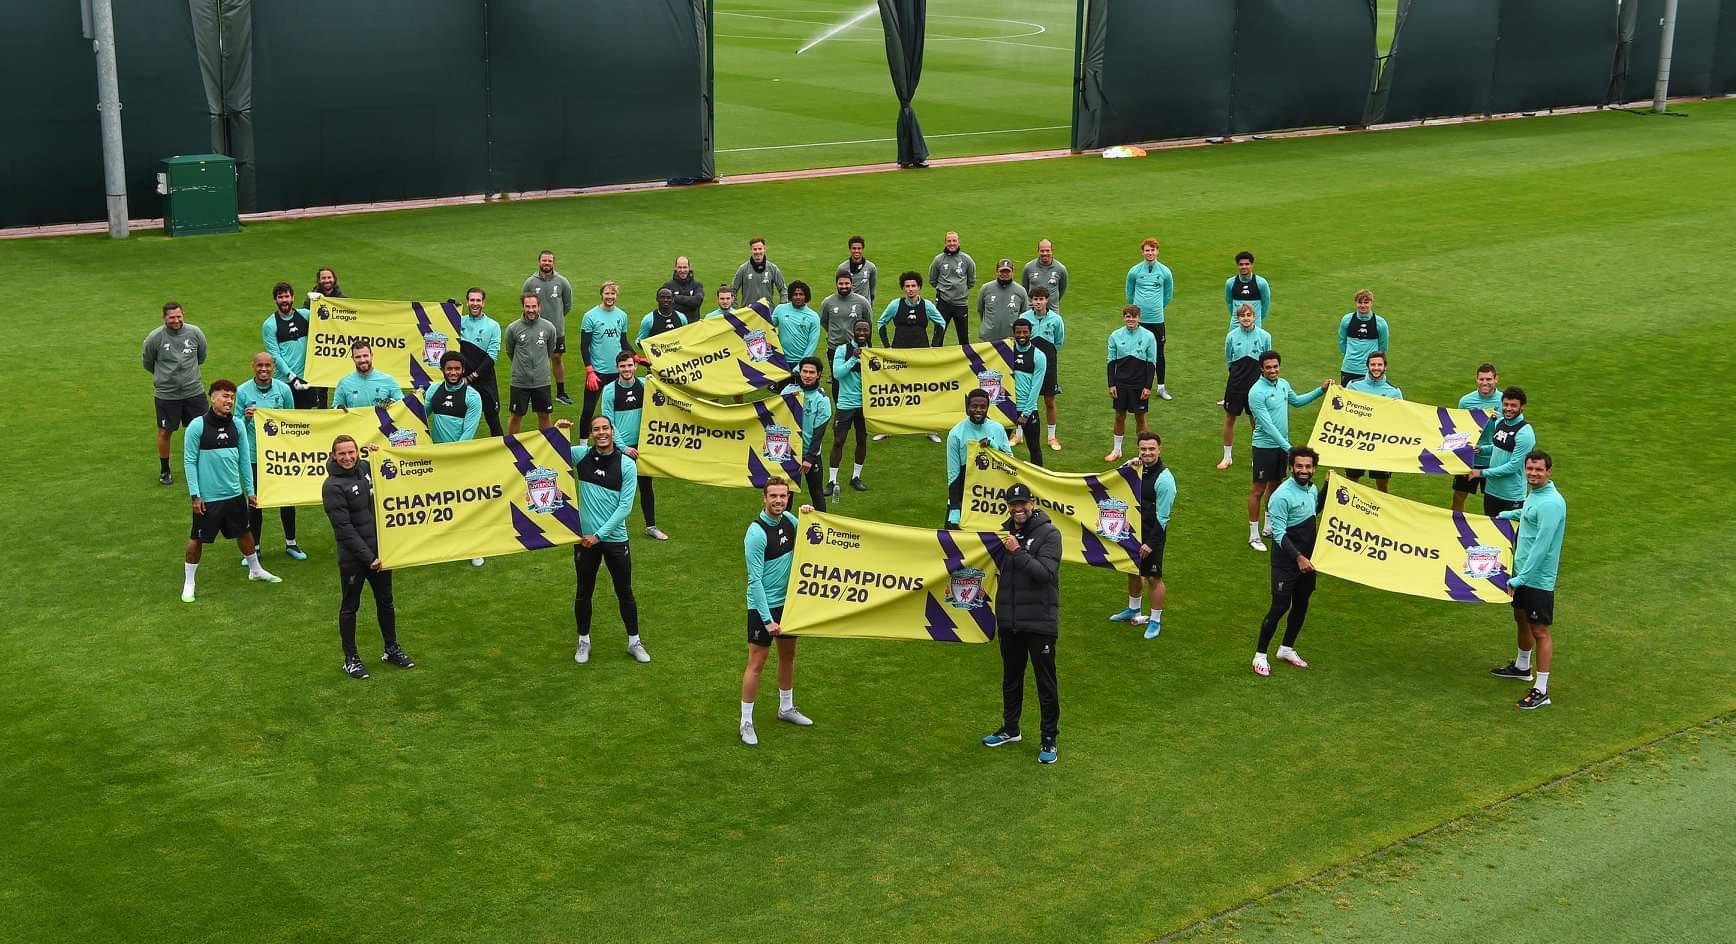 نجوم ليفربول يحتفلون بلقب الدوري الانجليزي فى التدريبات2